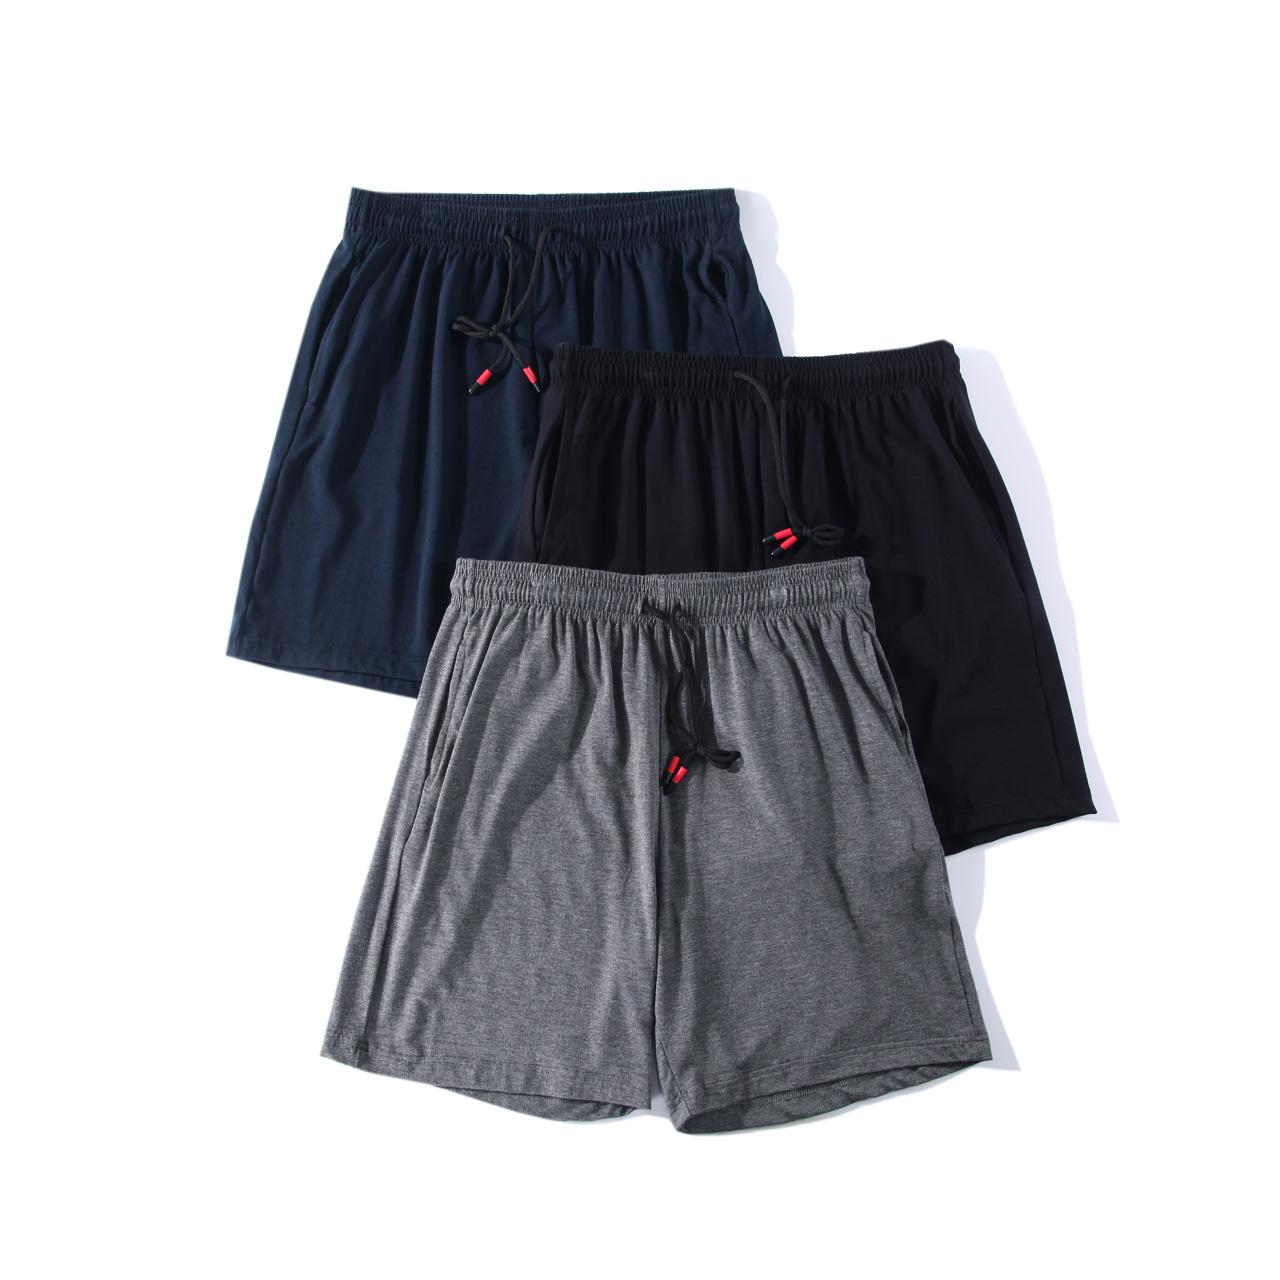 舒适不紧绷。上等面料宽松莫代尔棉夏季男士家居短裤简直就是男神必备~小鲜肉们快抢~